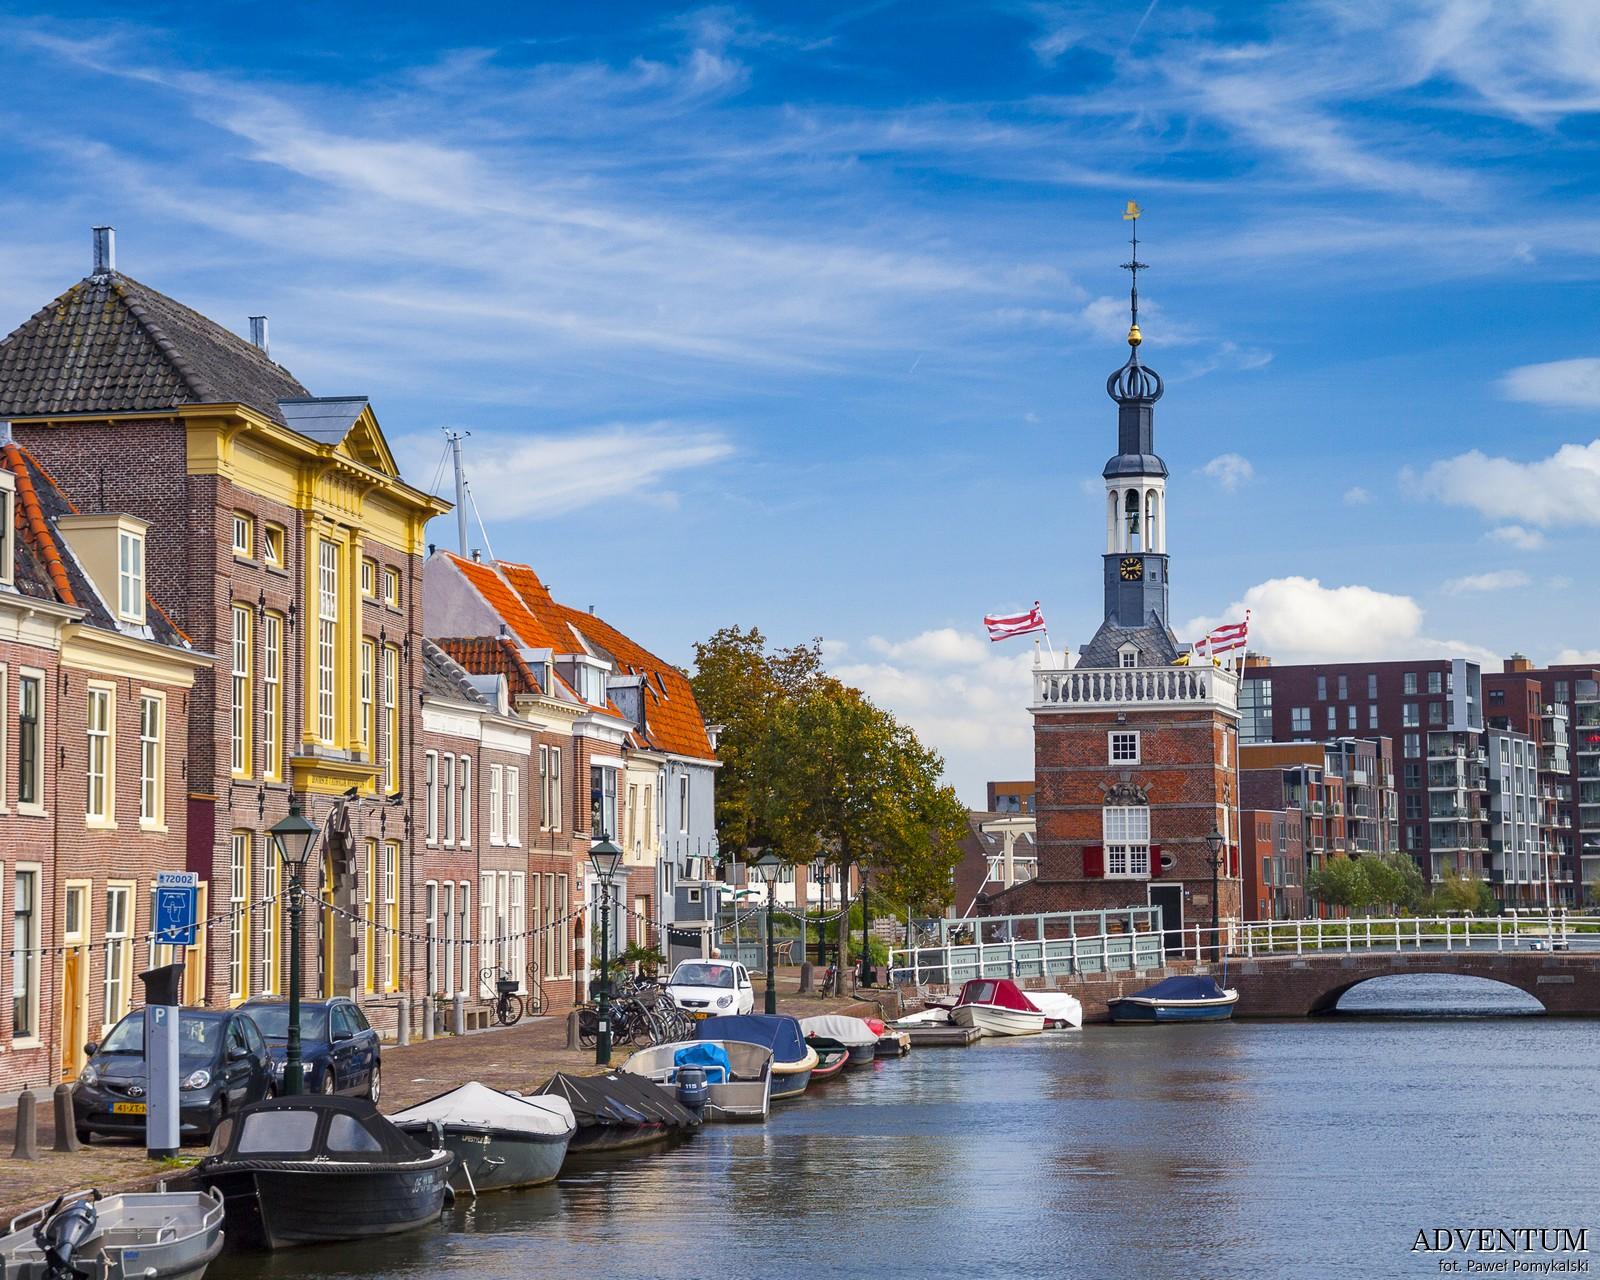 Holandia Alkmaar Atrakcje Zwiedzanie co Zobaczyć Amsterdam Rotterdam Haga Kanały Wiatraki